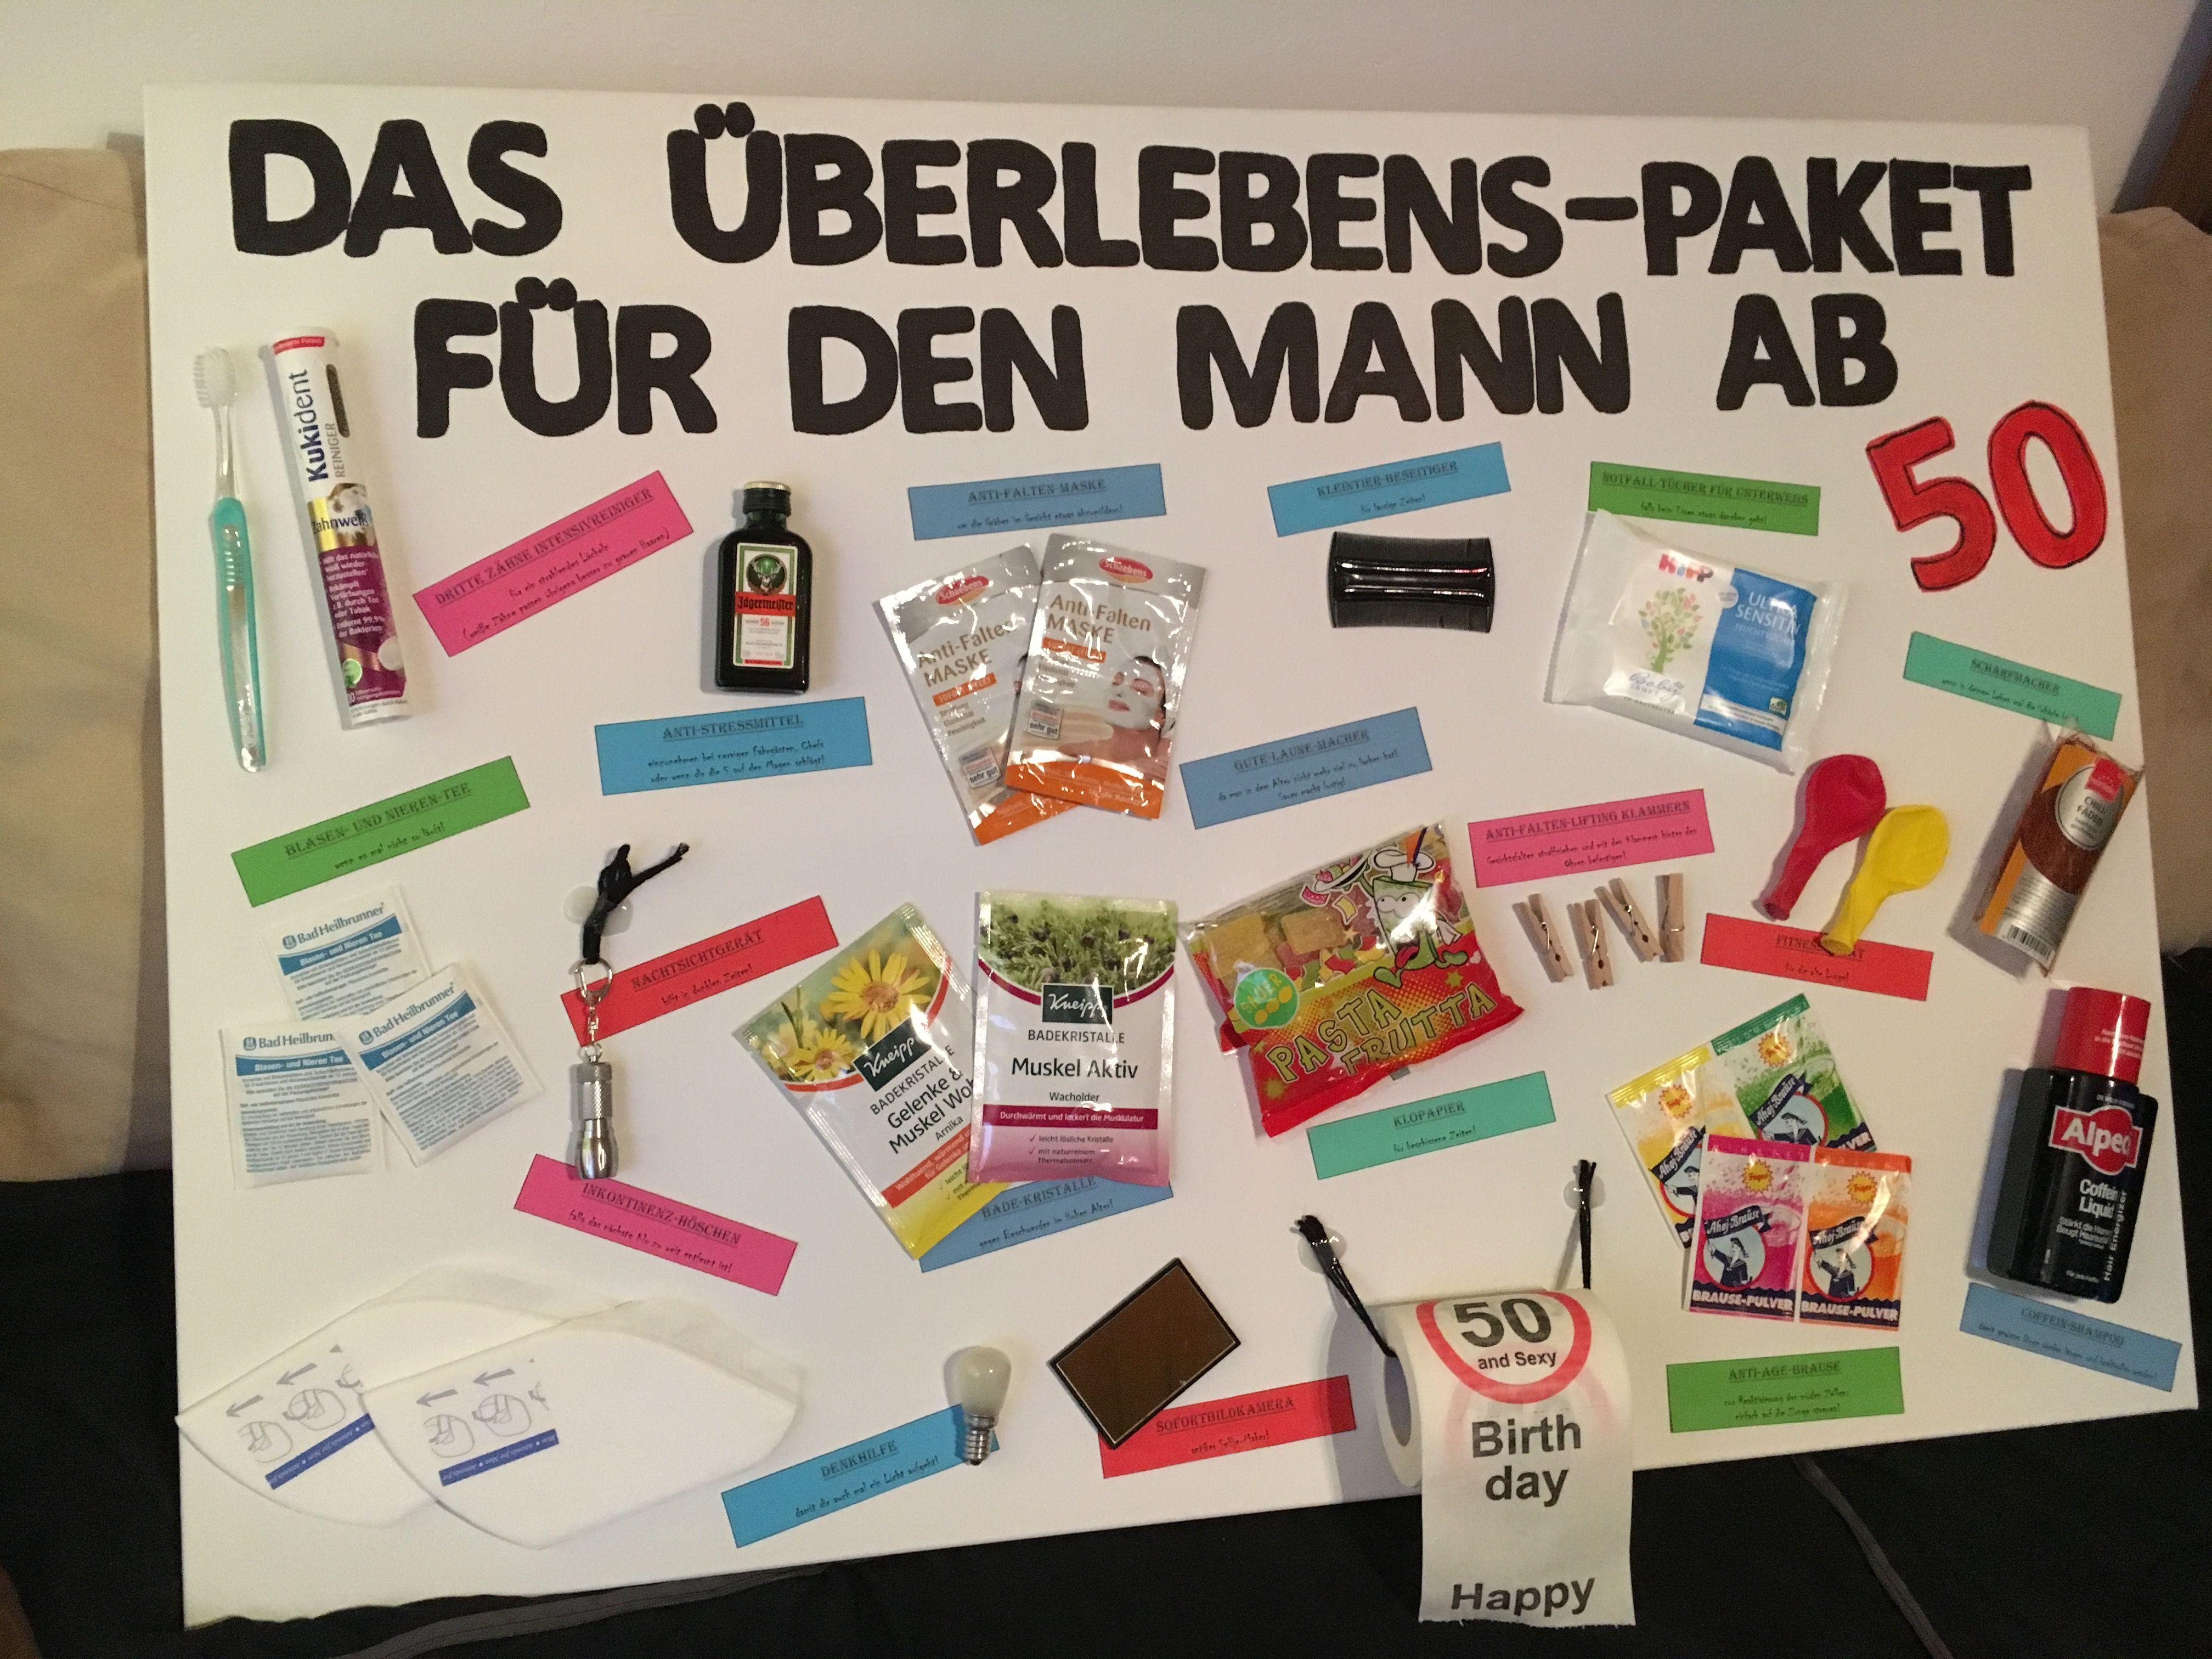 Geschenkideen Zum 50 Geburtstag Mann  Das Überlebenspaket für den Mann ab 50